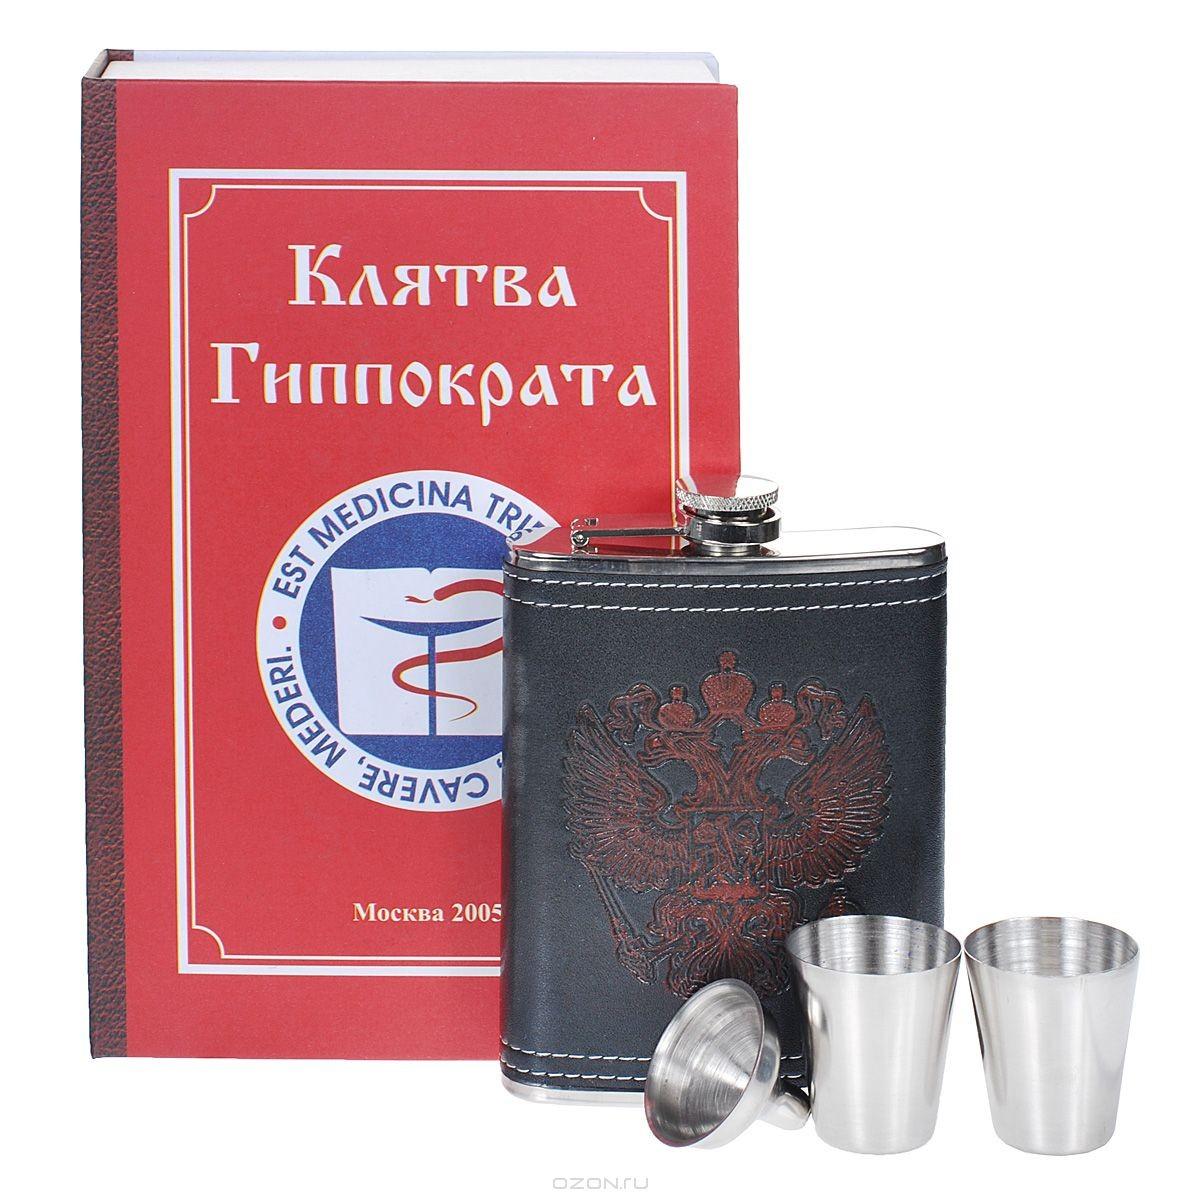 Подарочный набор  Клятва Гиппократа